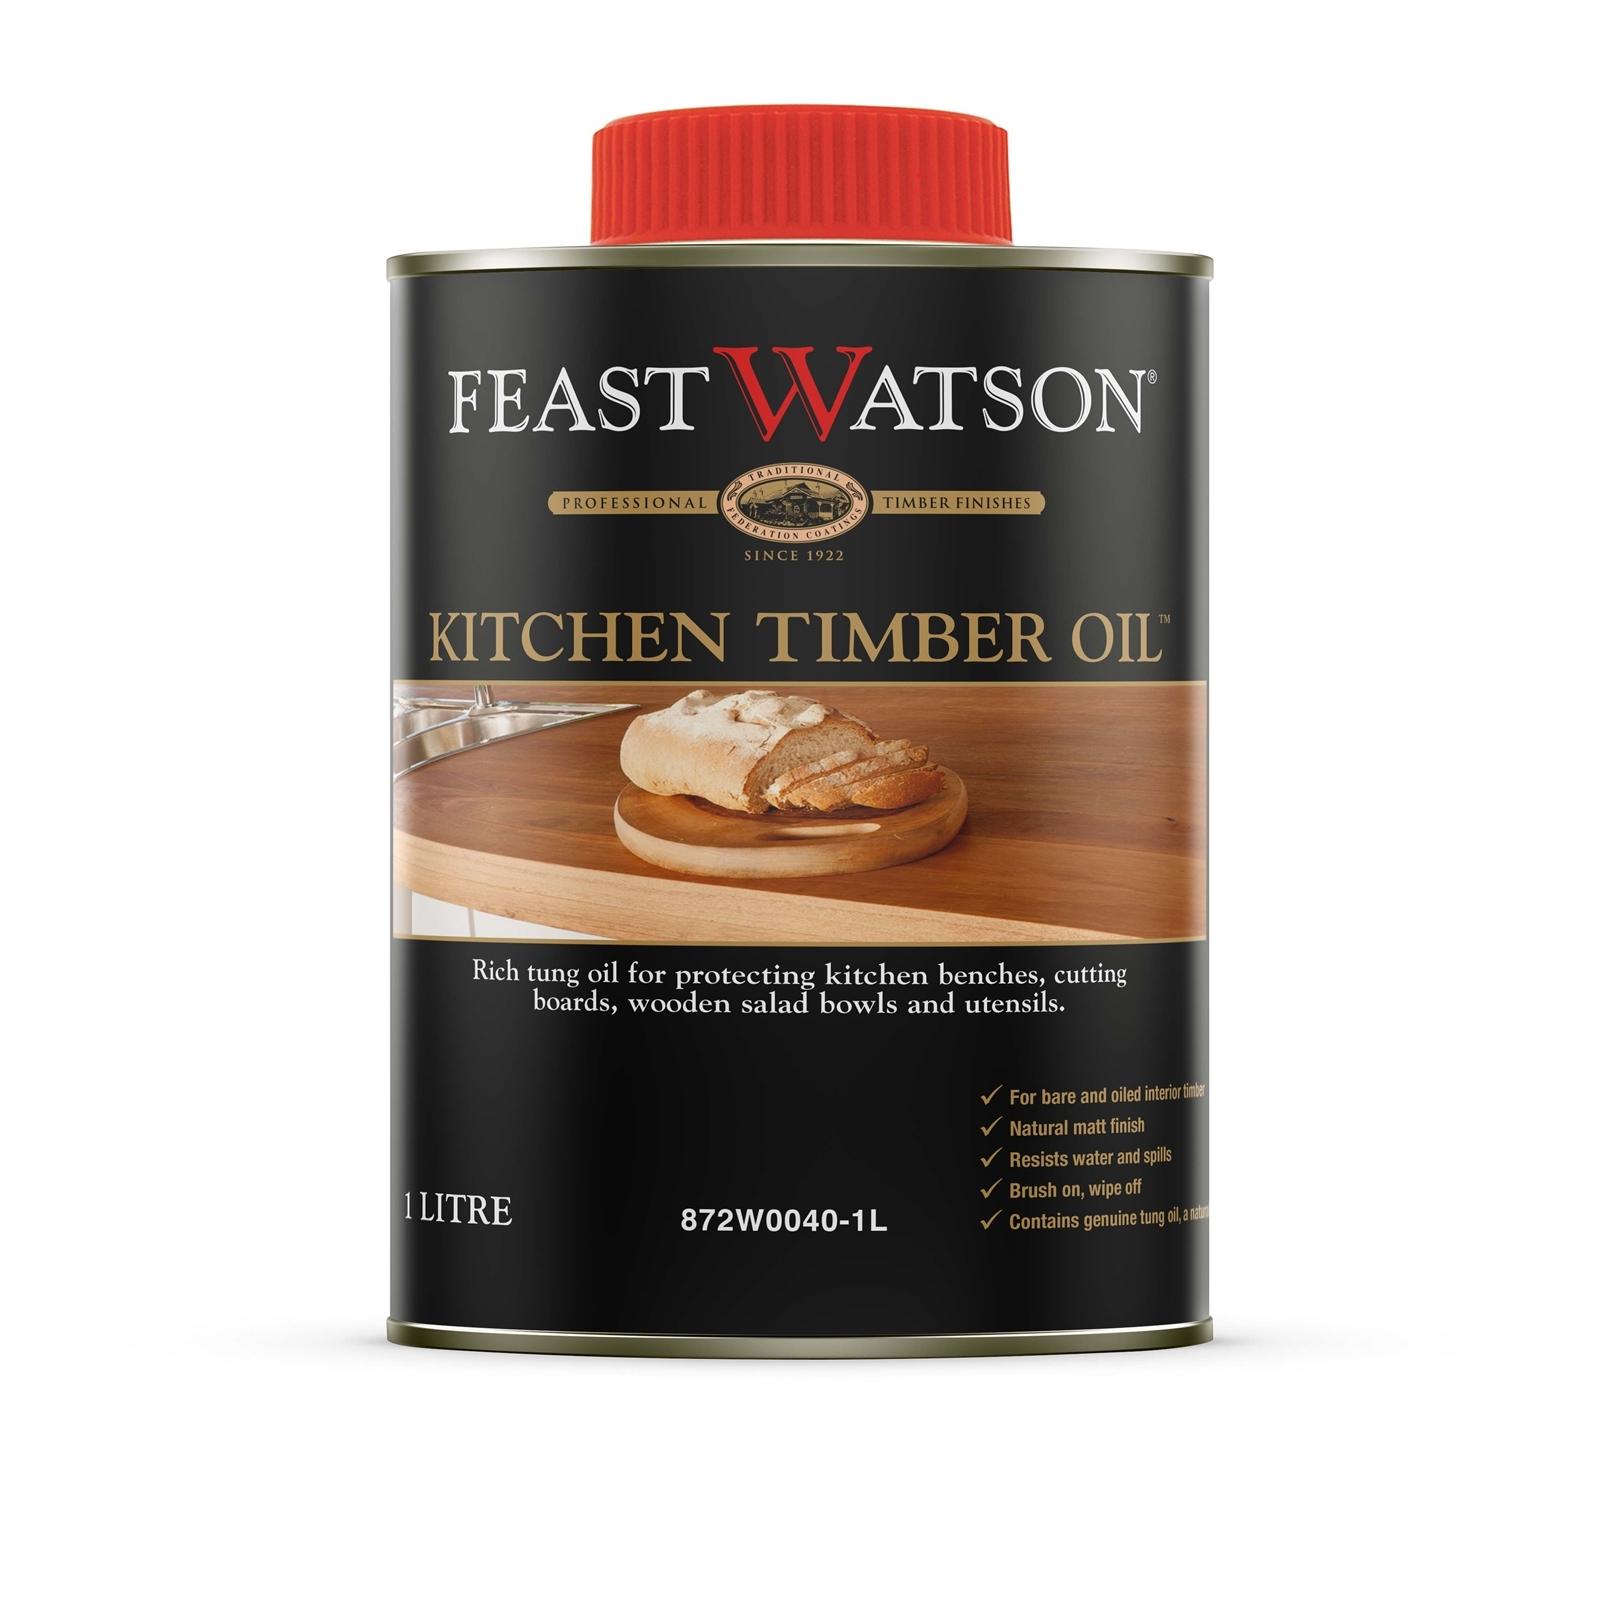 Feast Watson 250ml Kitchen Timber Oil